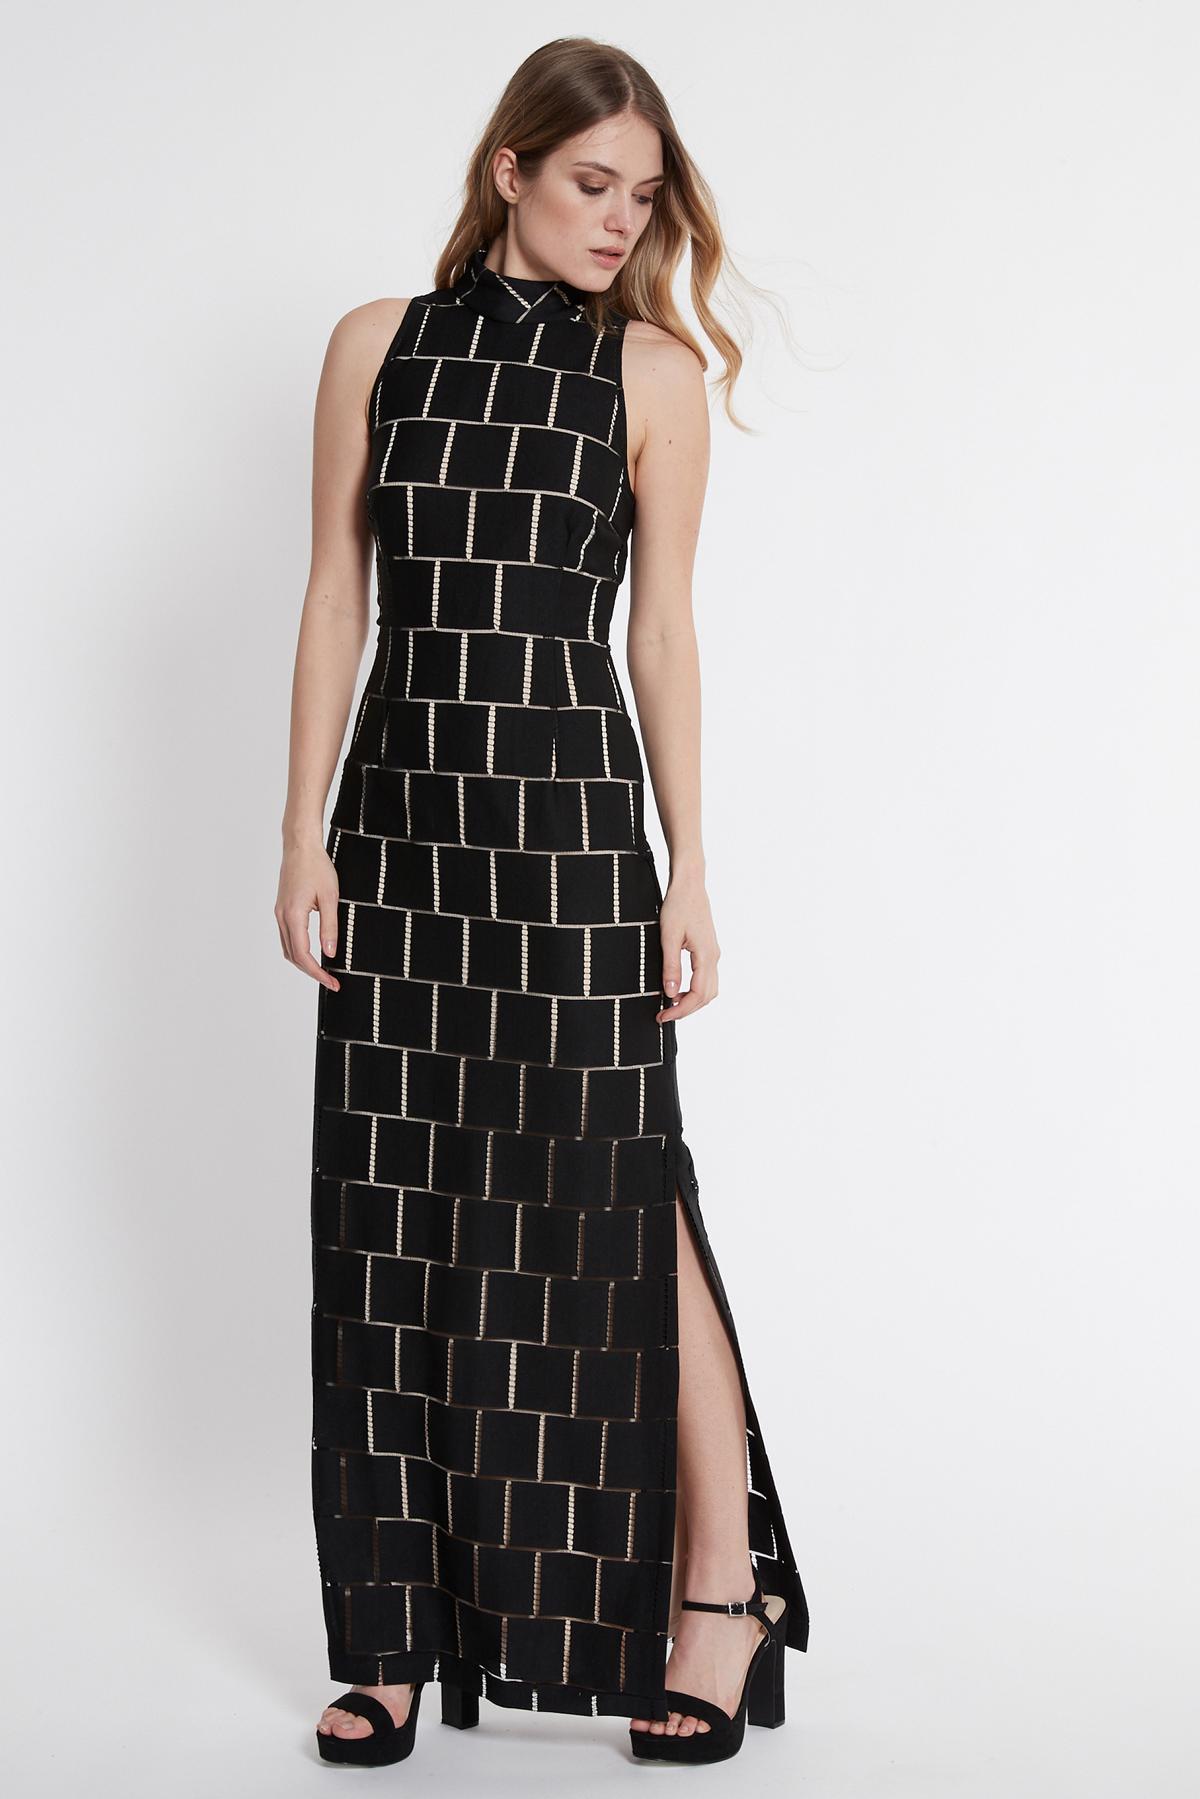 Vooraanzicht van Ana Alcazar Maxi Jurk Saminty Wit  gedragen per model